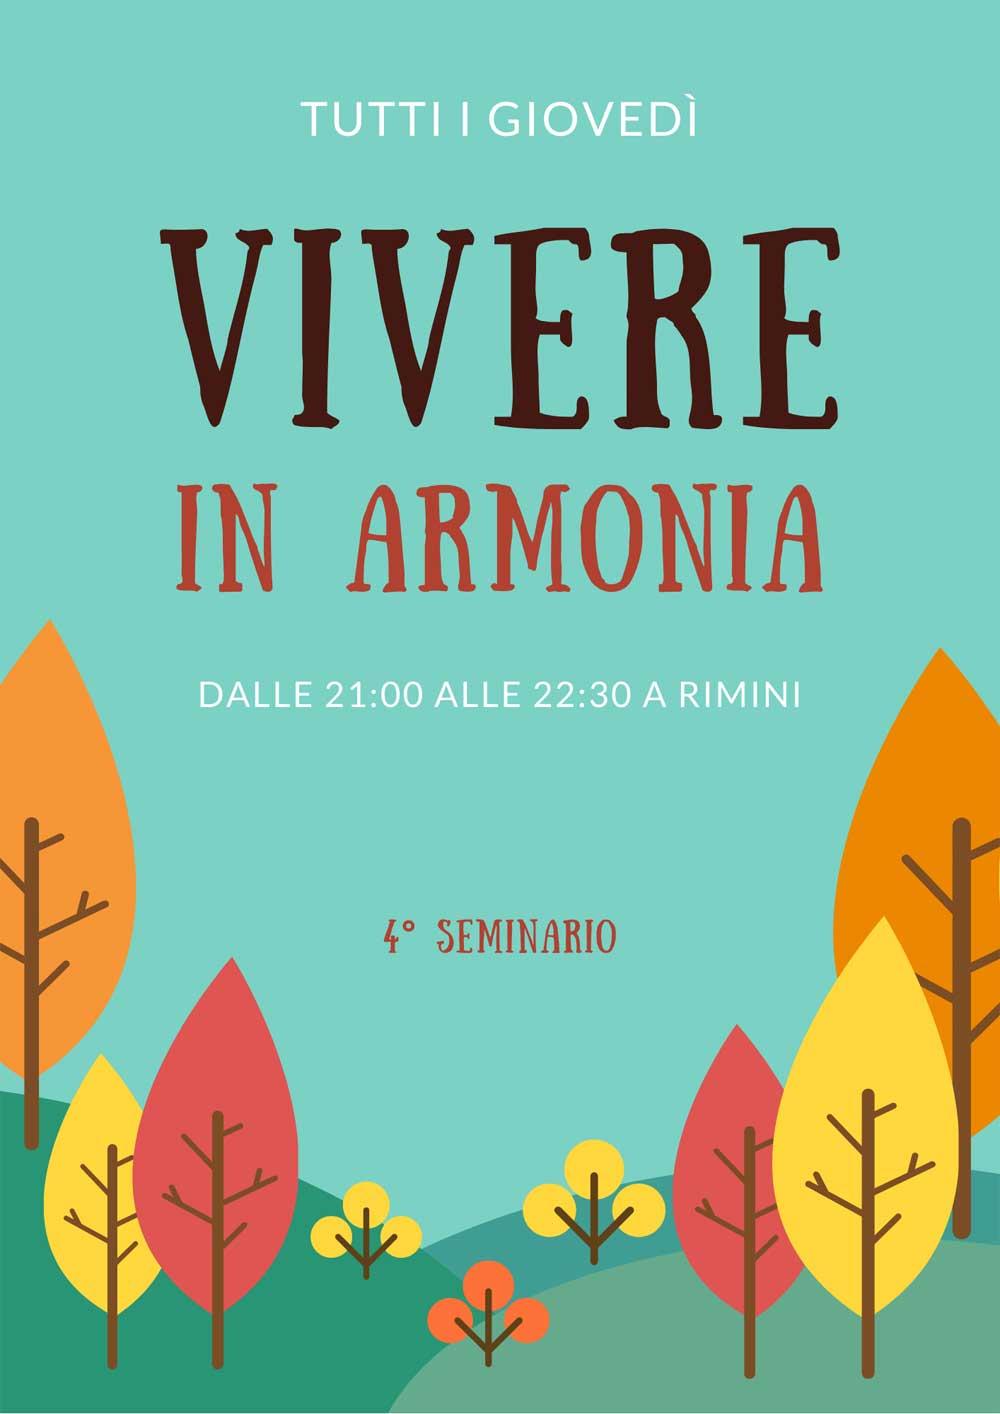 Vivere in armonia - tutti i giovedì a Rimini alle 21 - quarto incontro